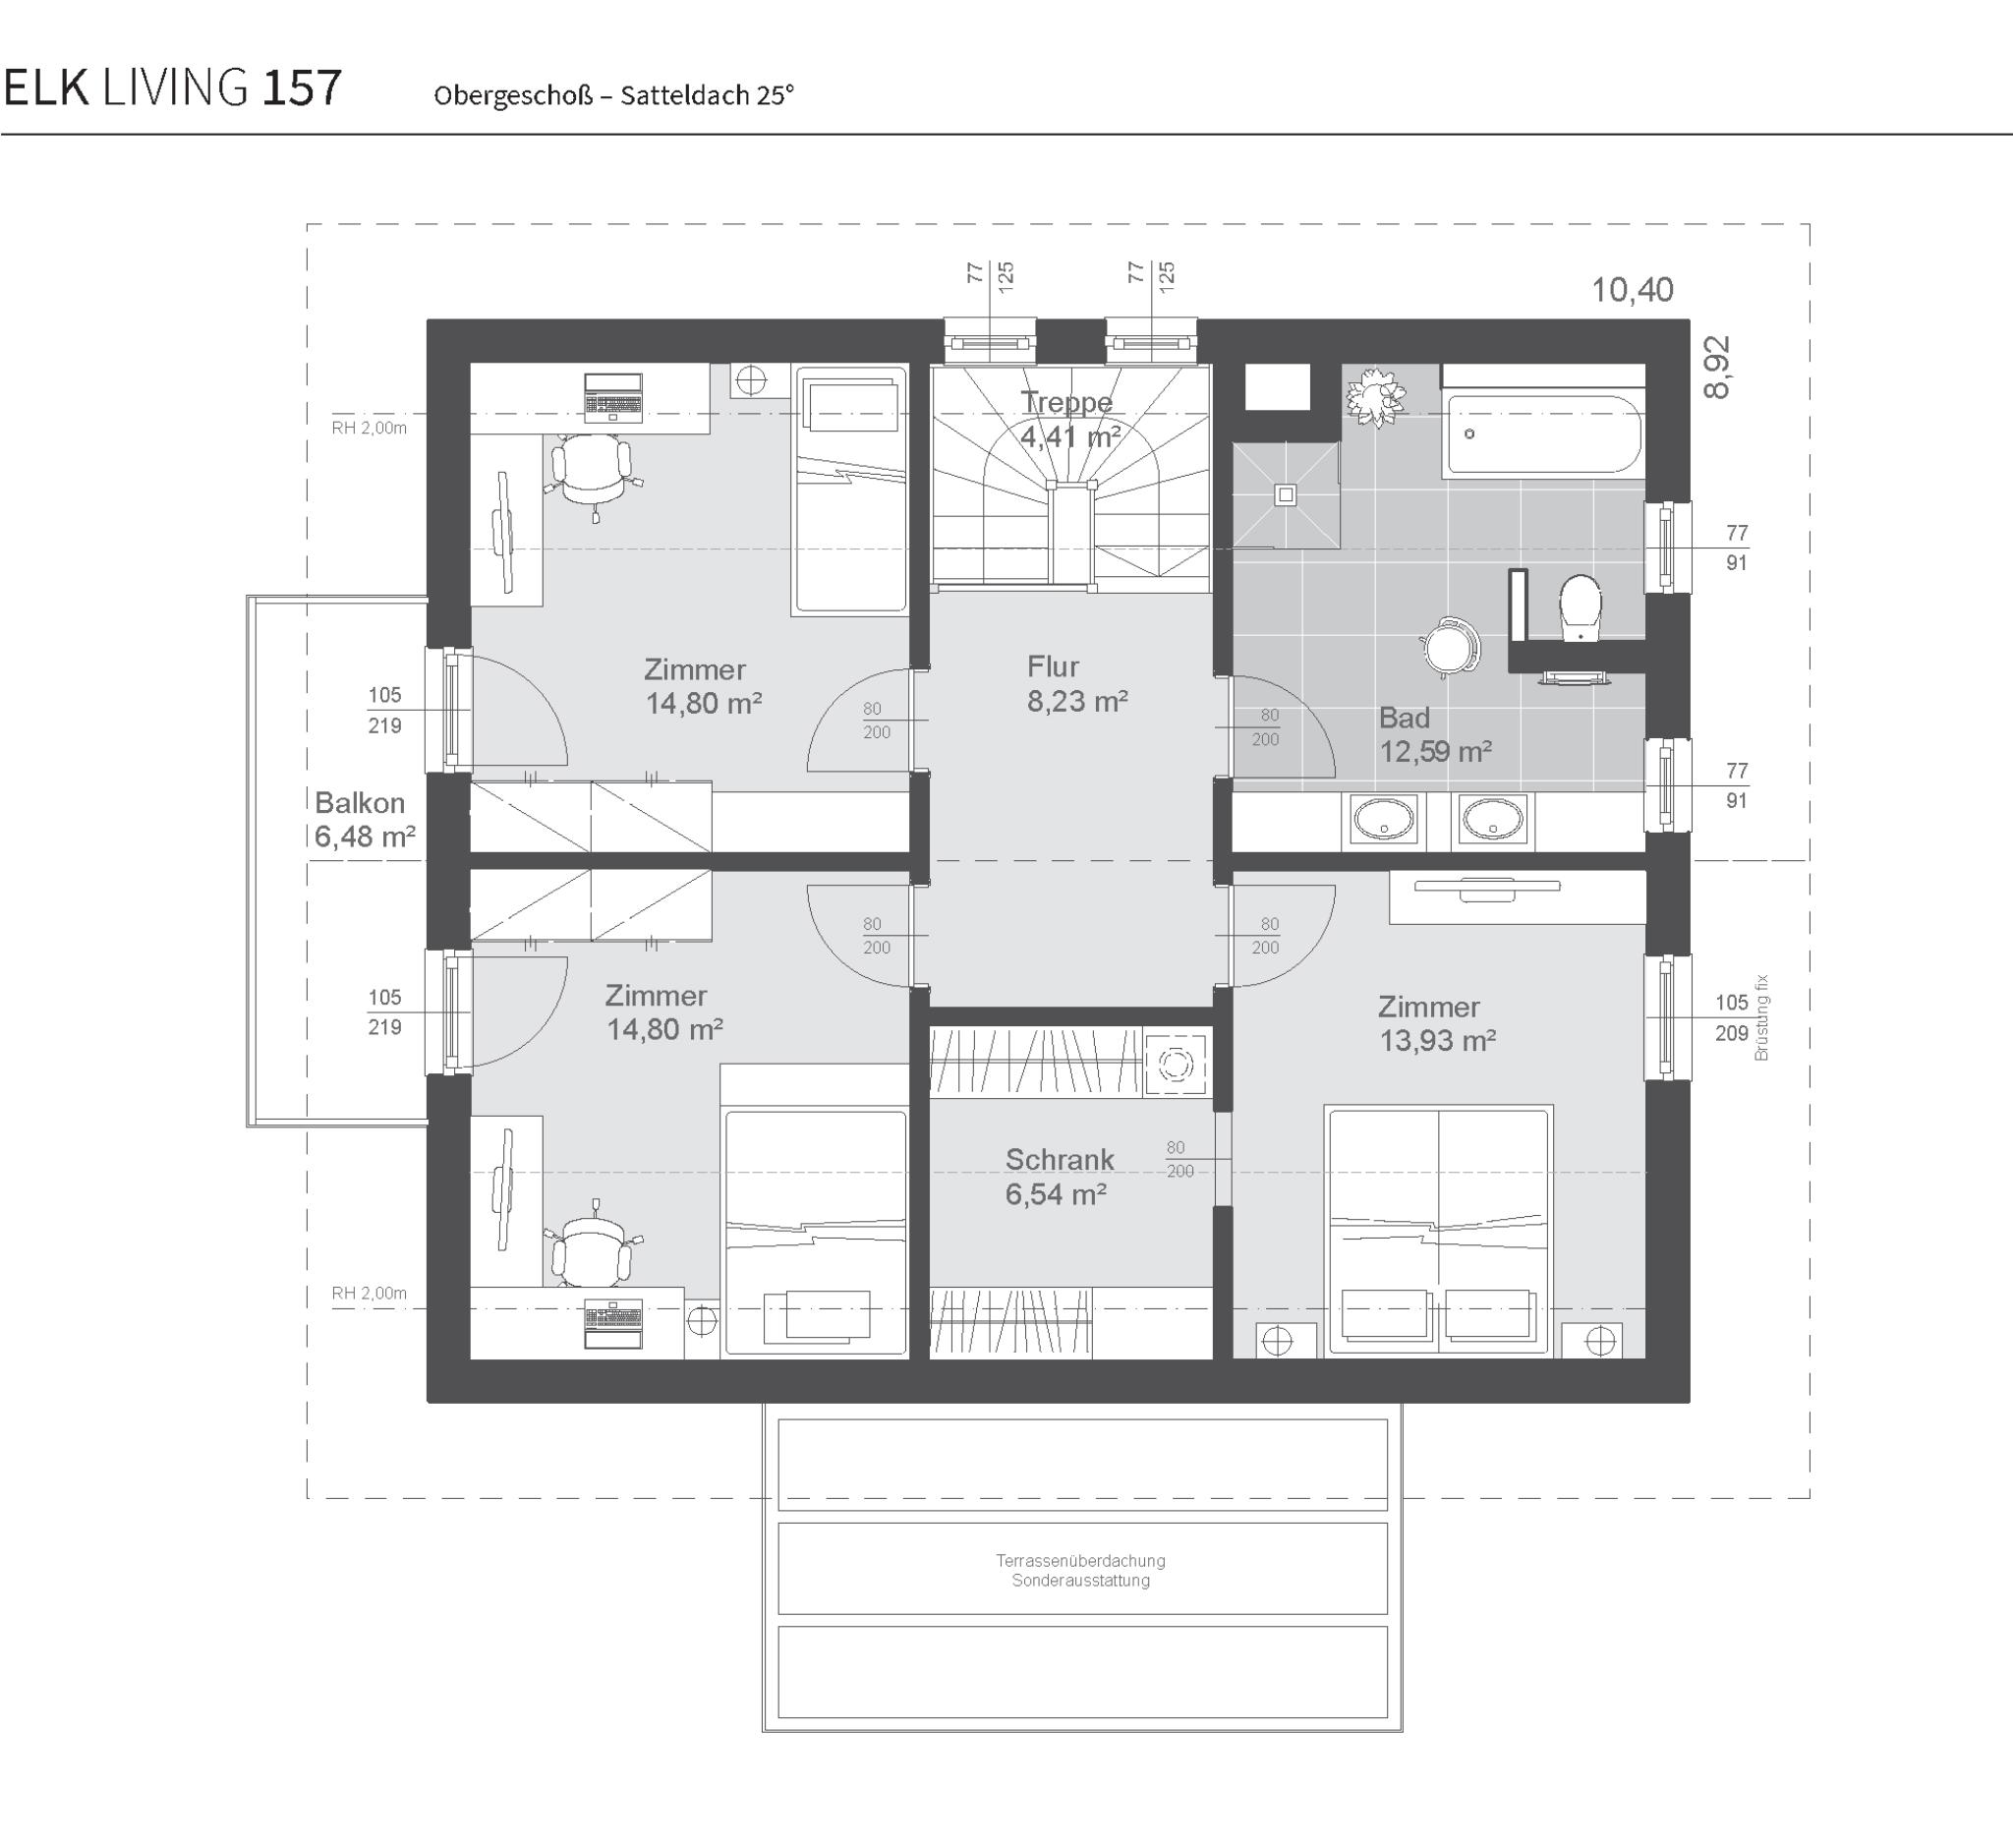 grundriss-fertighaus-elk-living-157-obergeschoss-satteldach25